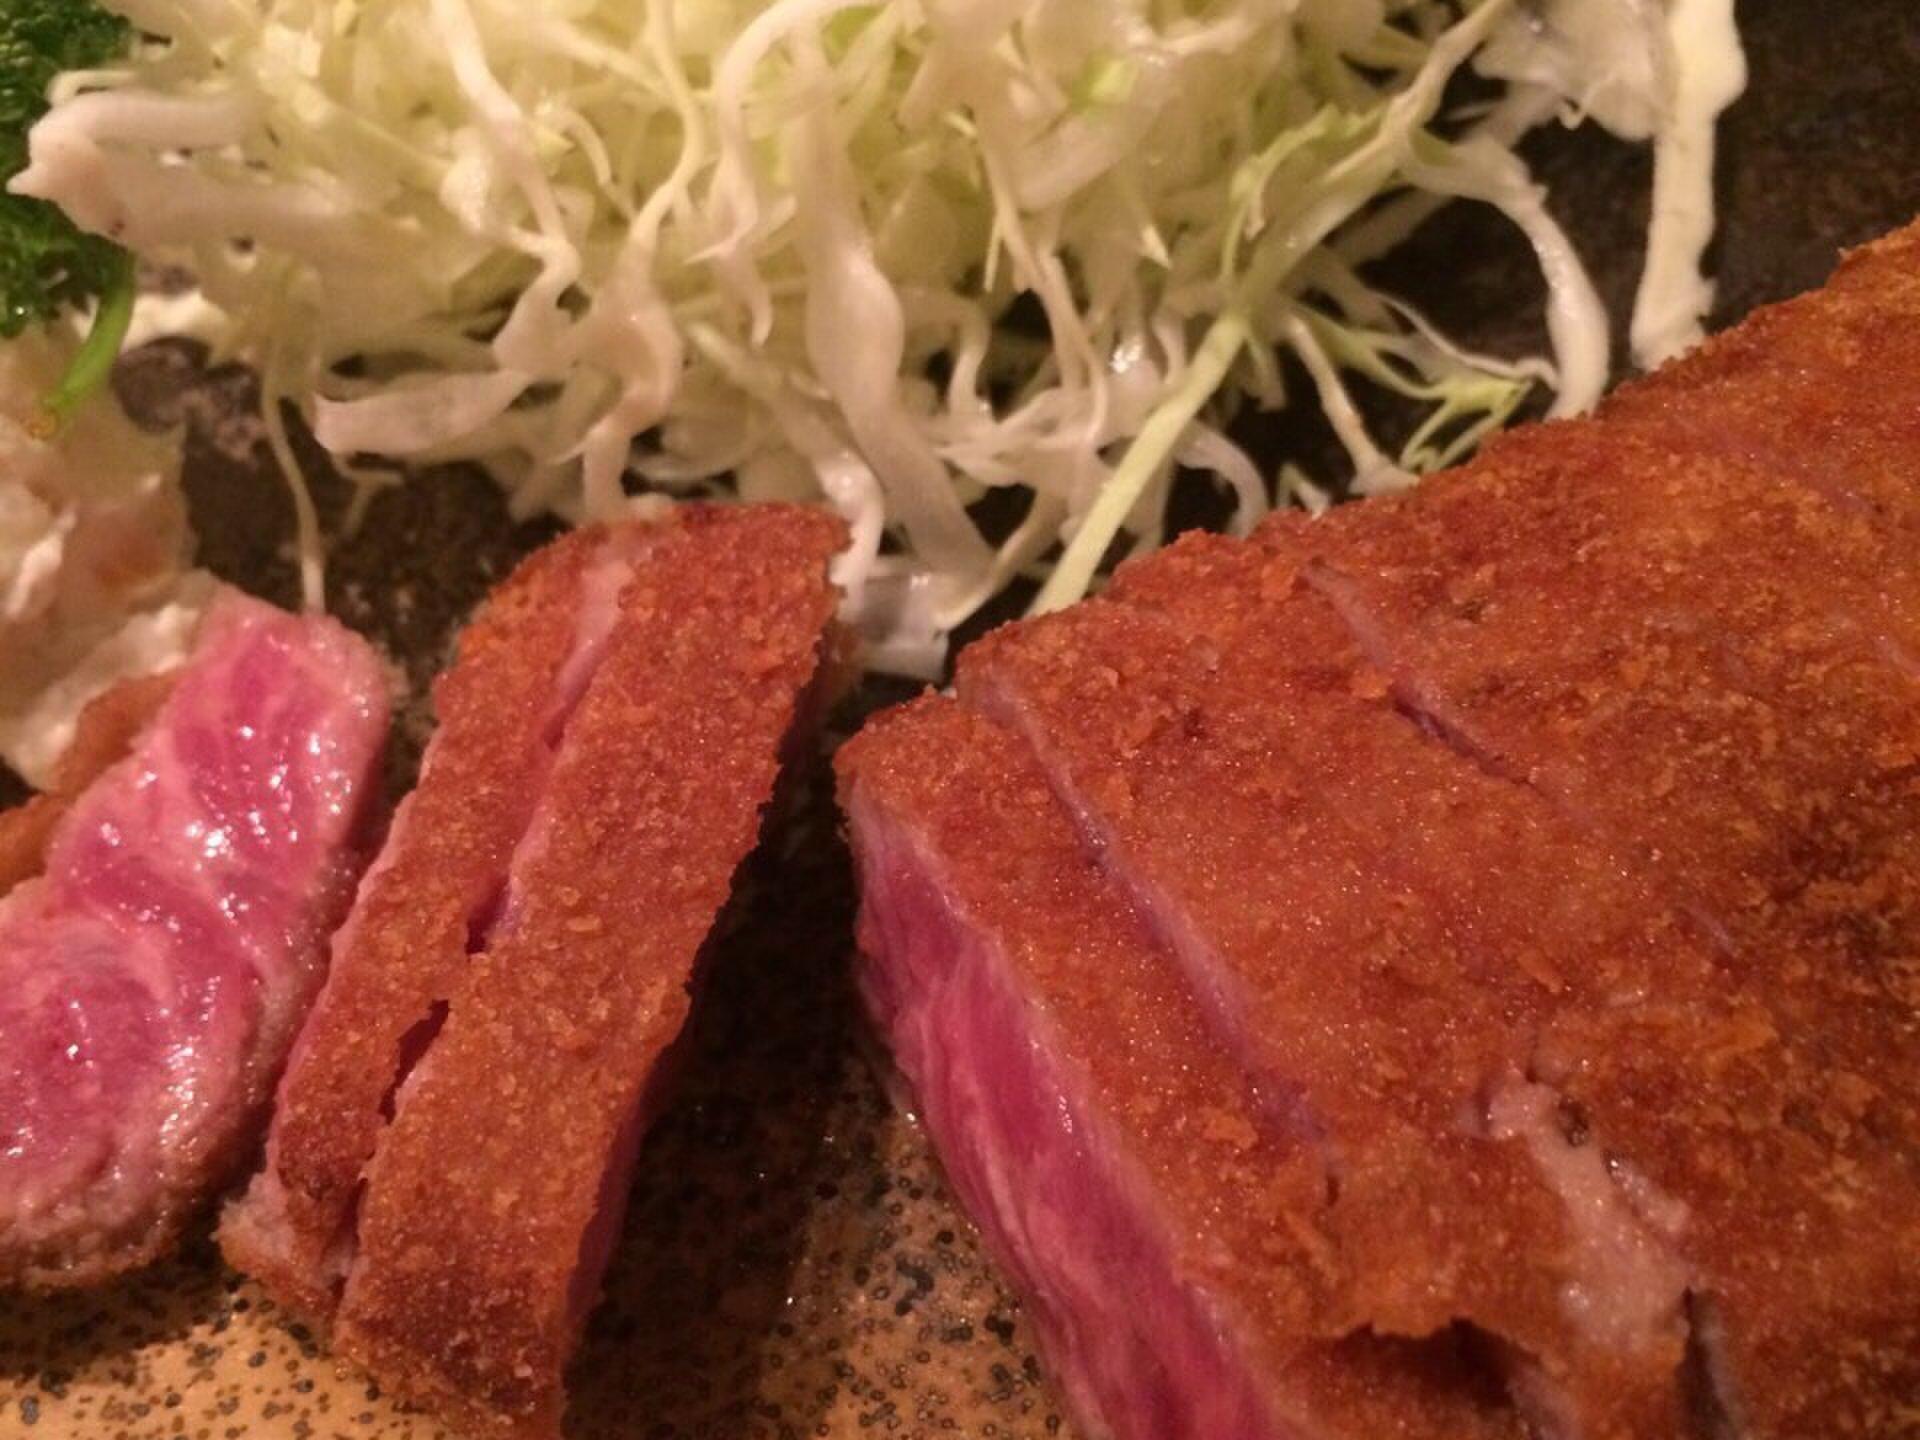 新橋ランチでガッツリ食べたい人におすすめ!「人気の新橋グルメ」食べログ高評価3店